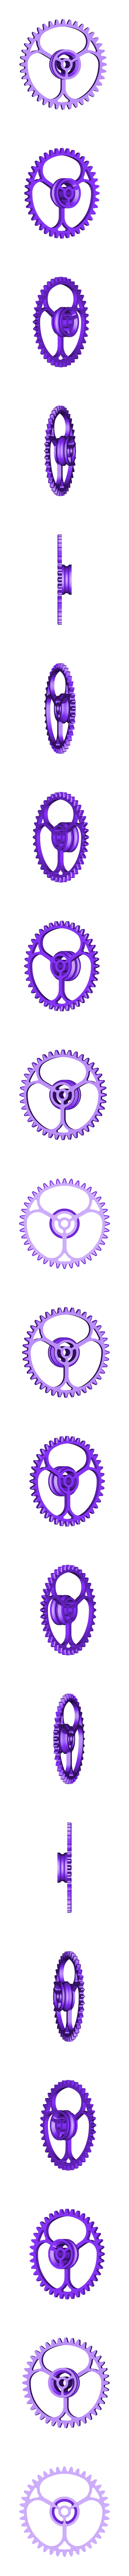 X_Gears_1to8_2_Bevels.stl Télécharger fichier STL gratuit Moteur pneumatique radial simple • Modèle pour imprimante 3D, Slava_Z